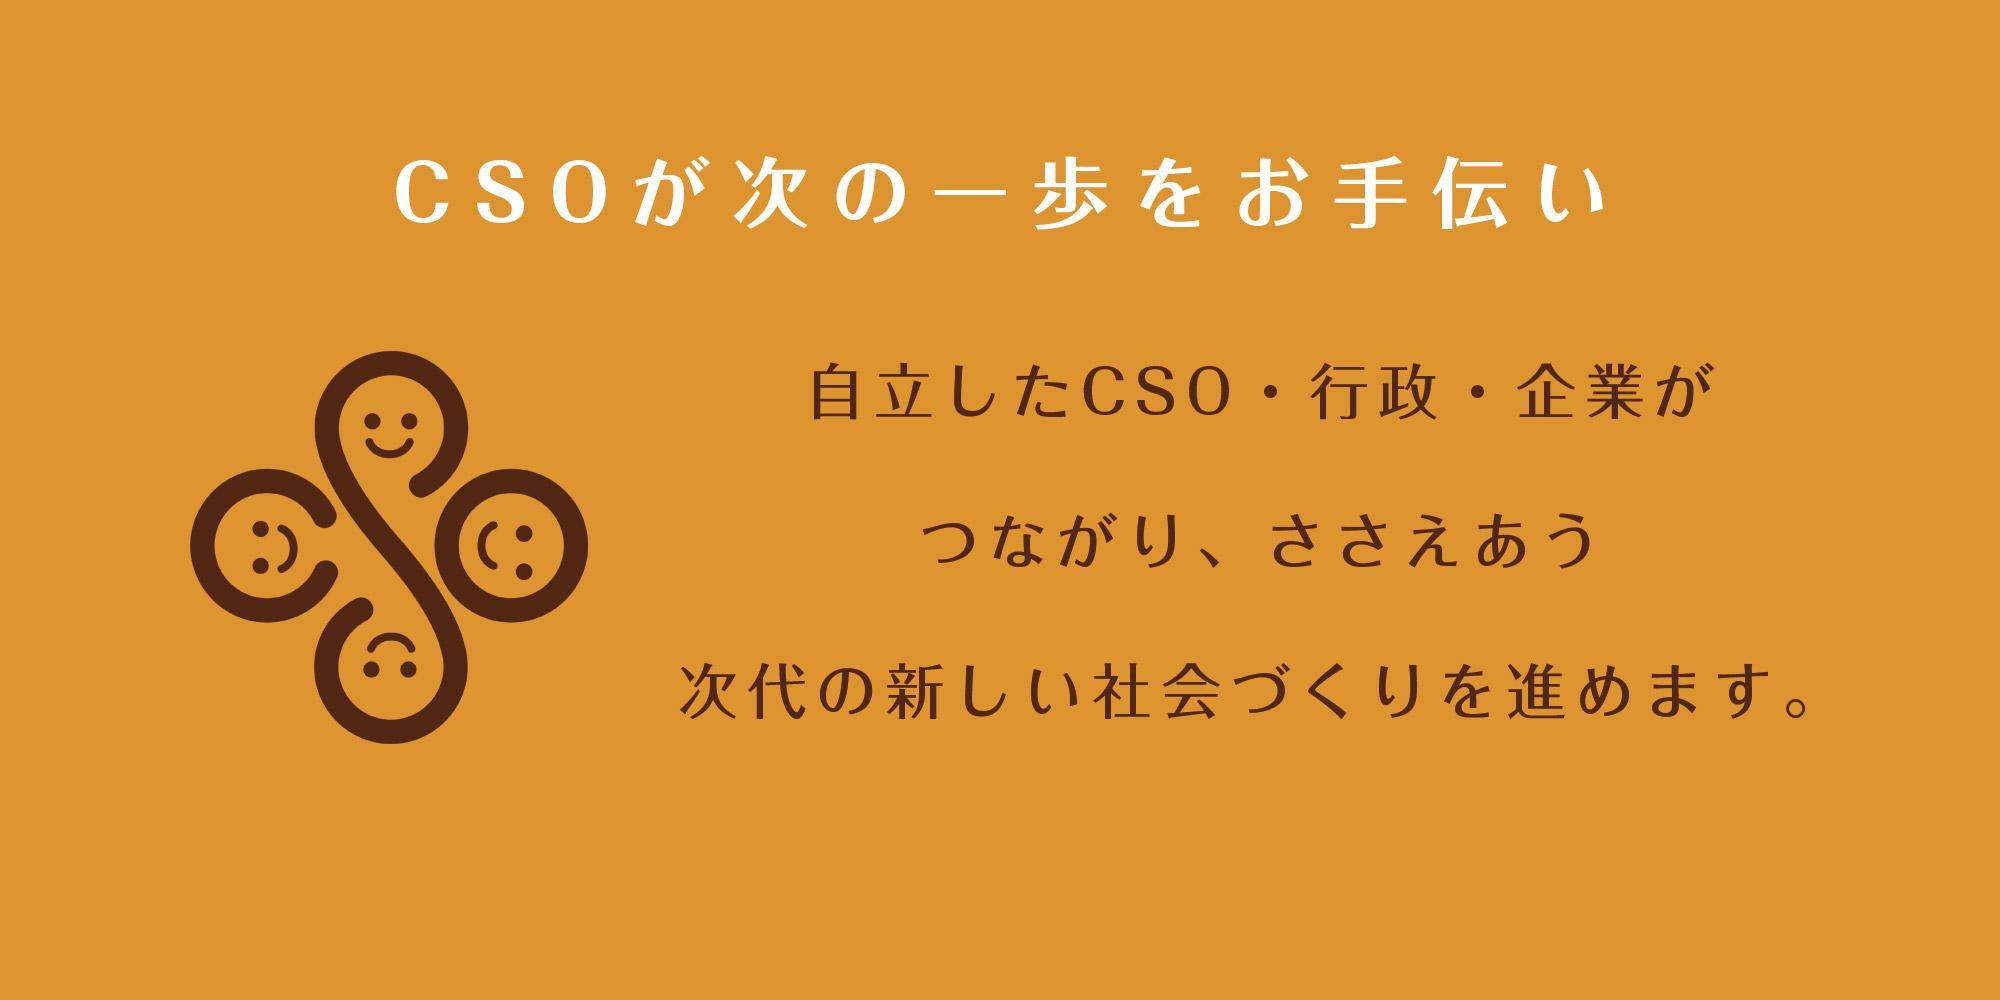 佐賀県CSO推進機構